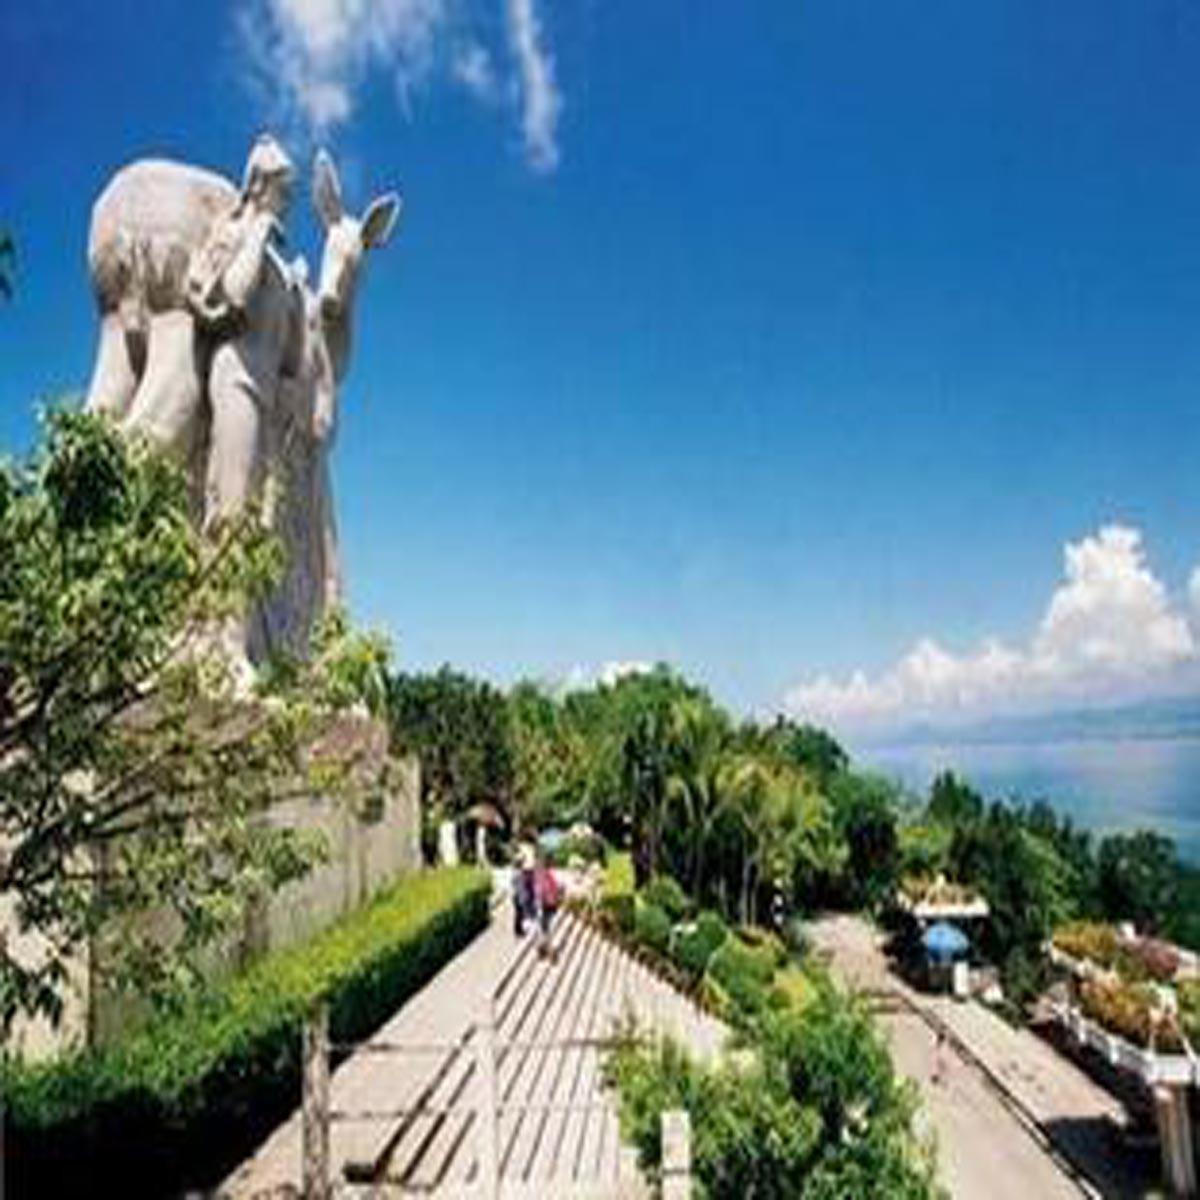 海南三亚旅游景点门票/三亚鹿回头山顶公园门票 含电瓶车